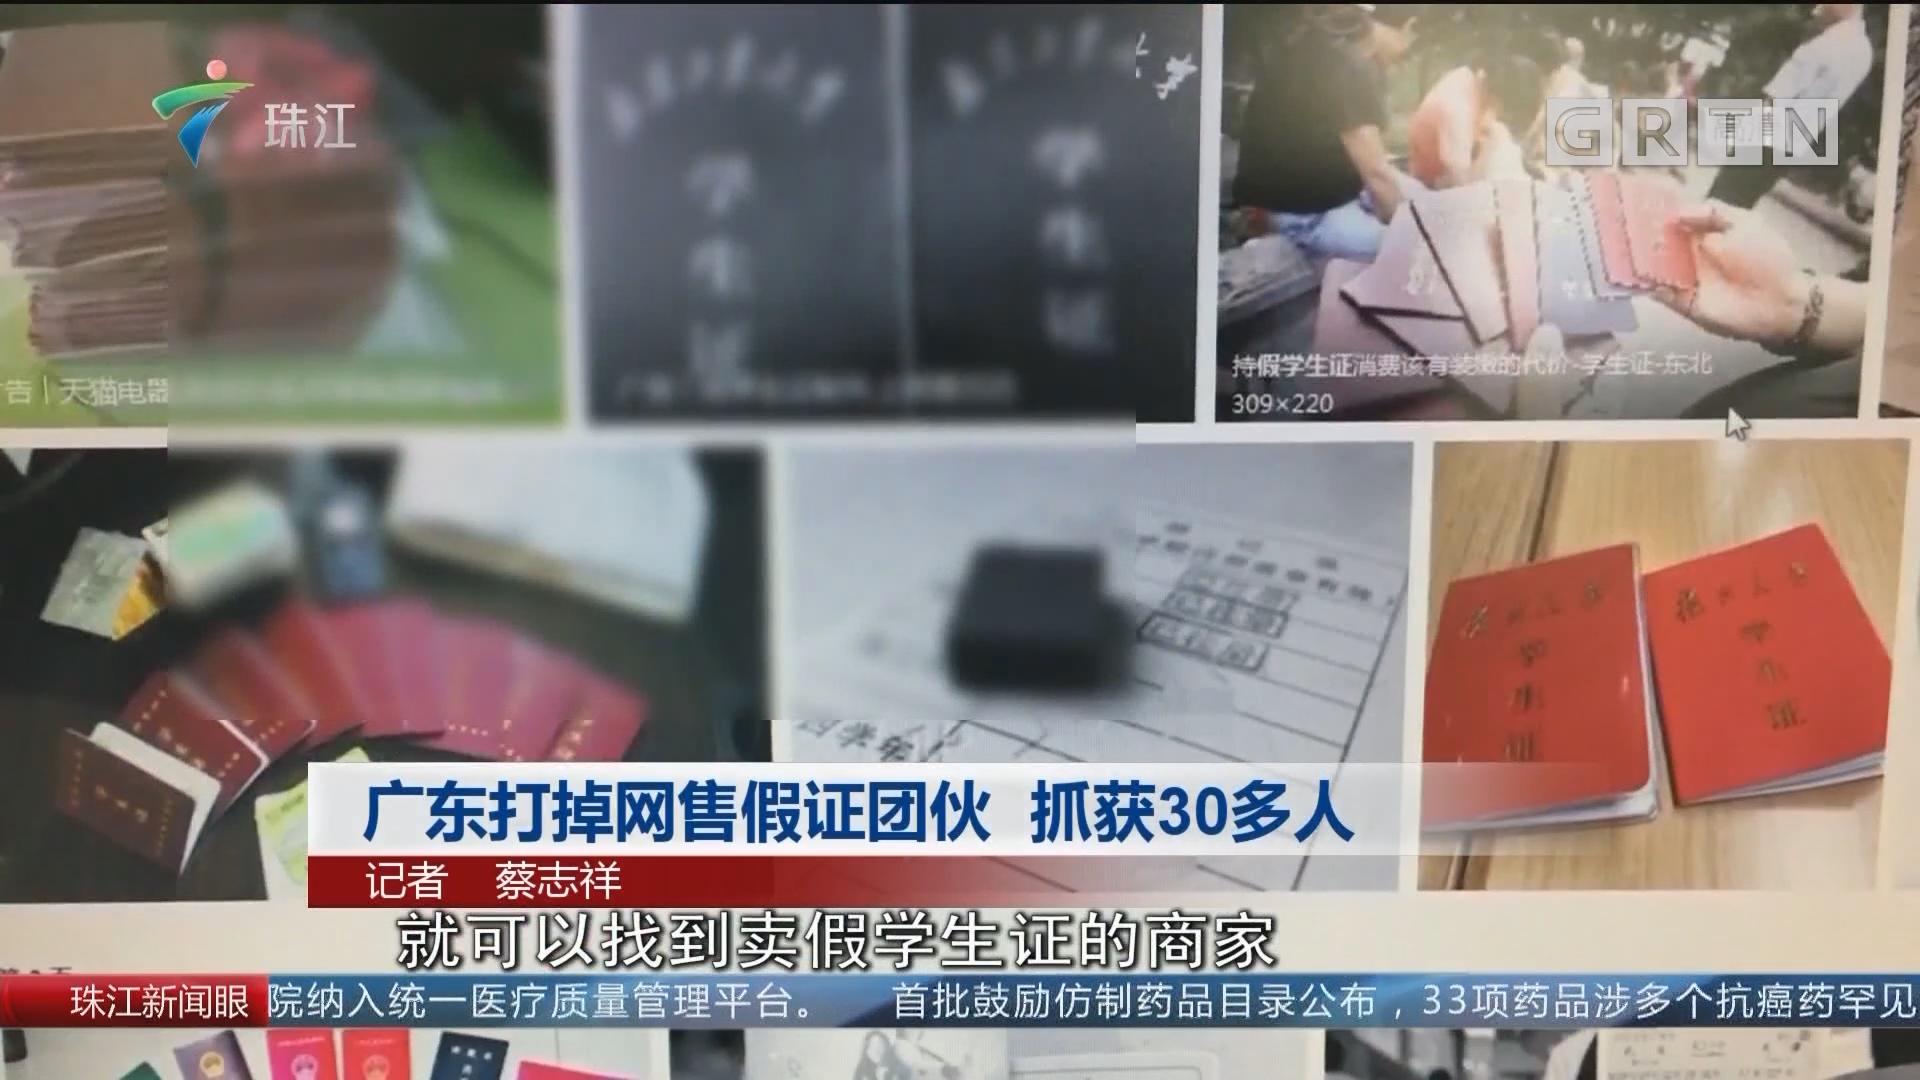 广东打掉网售假证团伙 抓获30多人